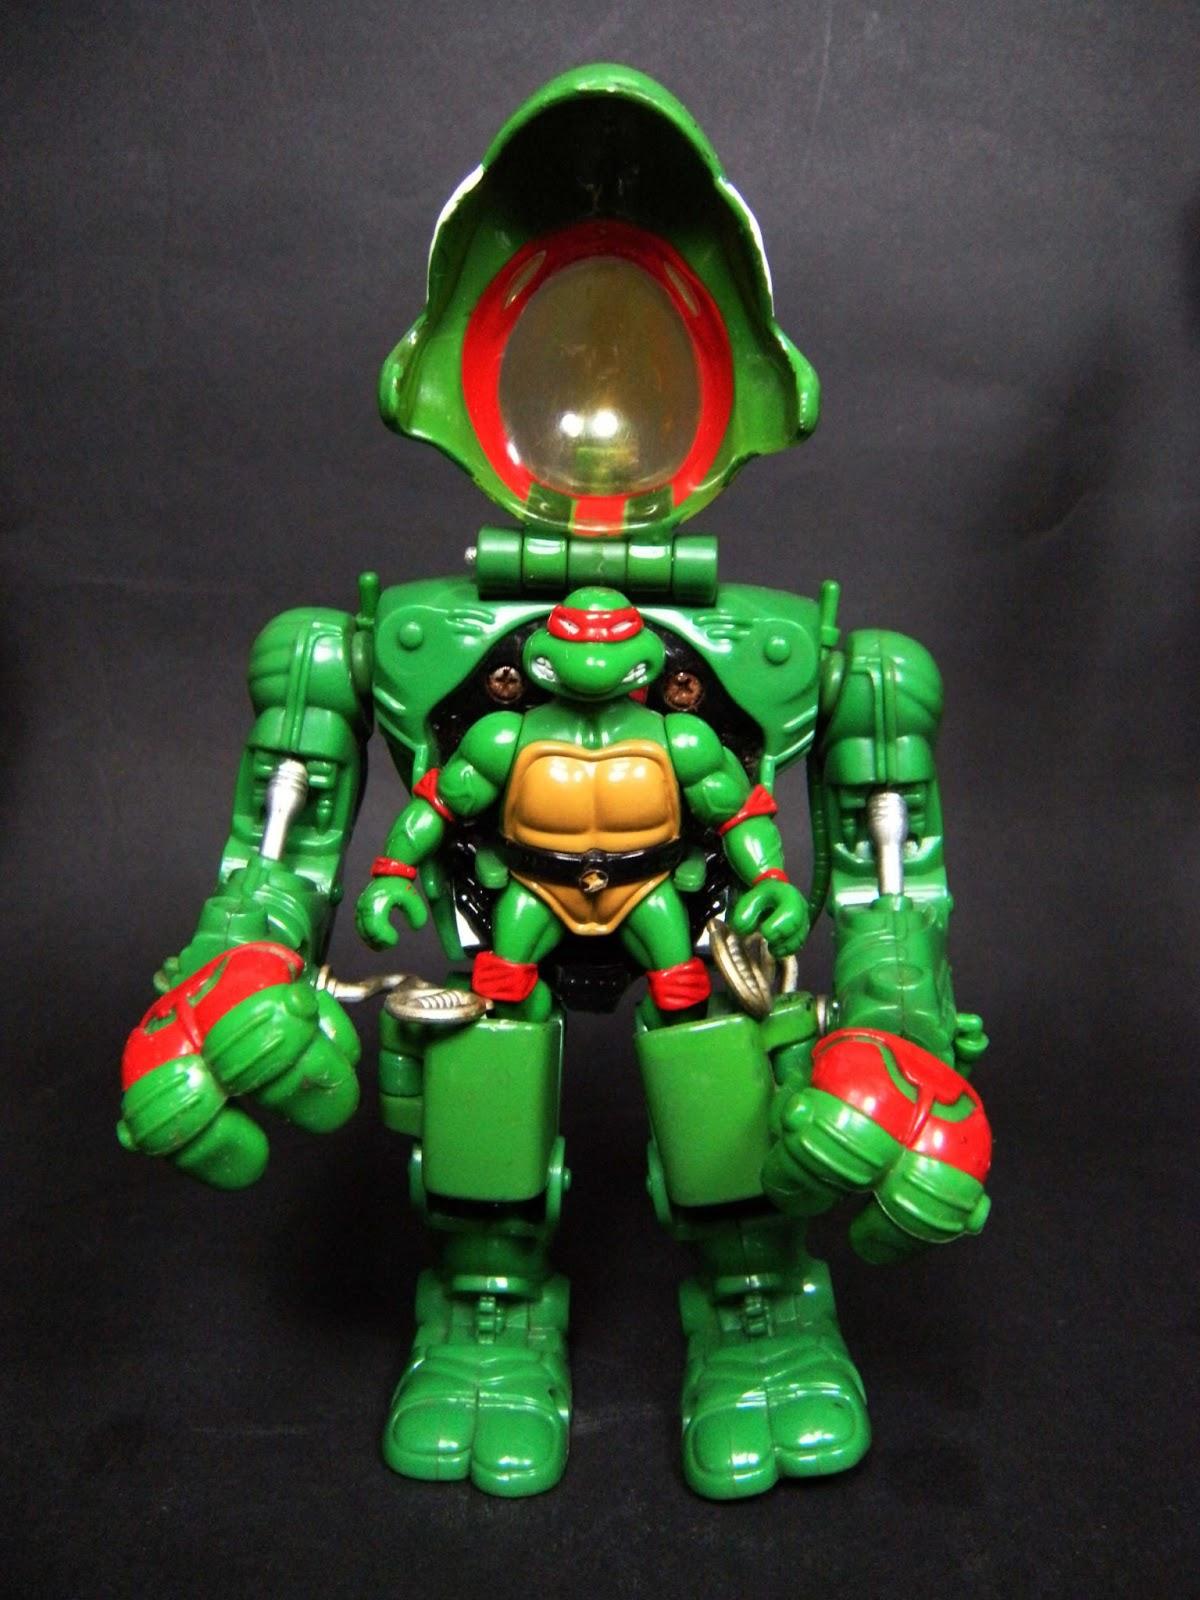 DAILY TOYZ: Collection Exposed : Exo-Skeleton Ninja Turtle ... Ninja Turtles Toy Ninja Turtles